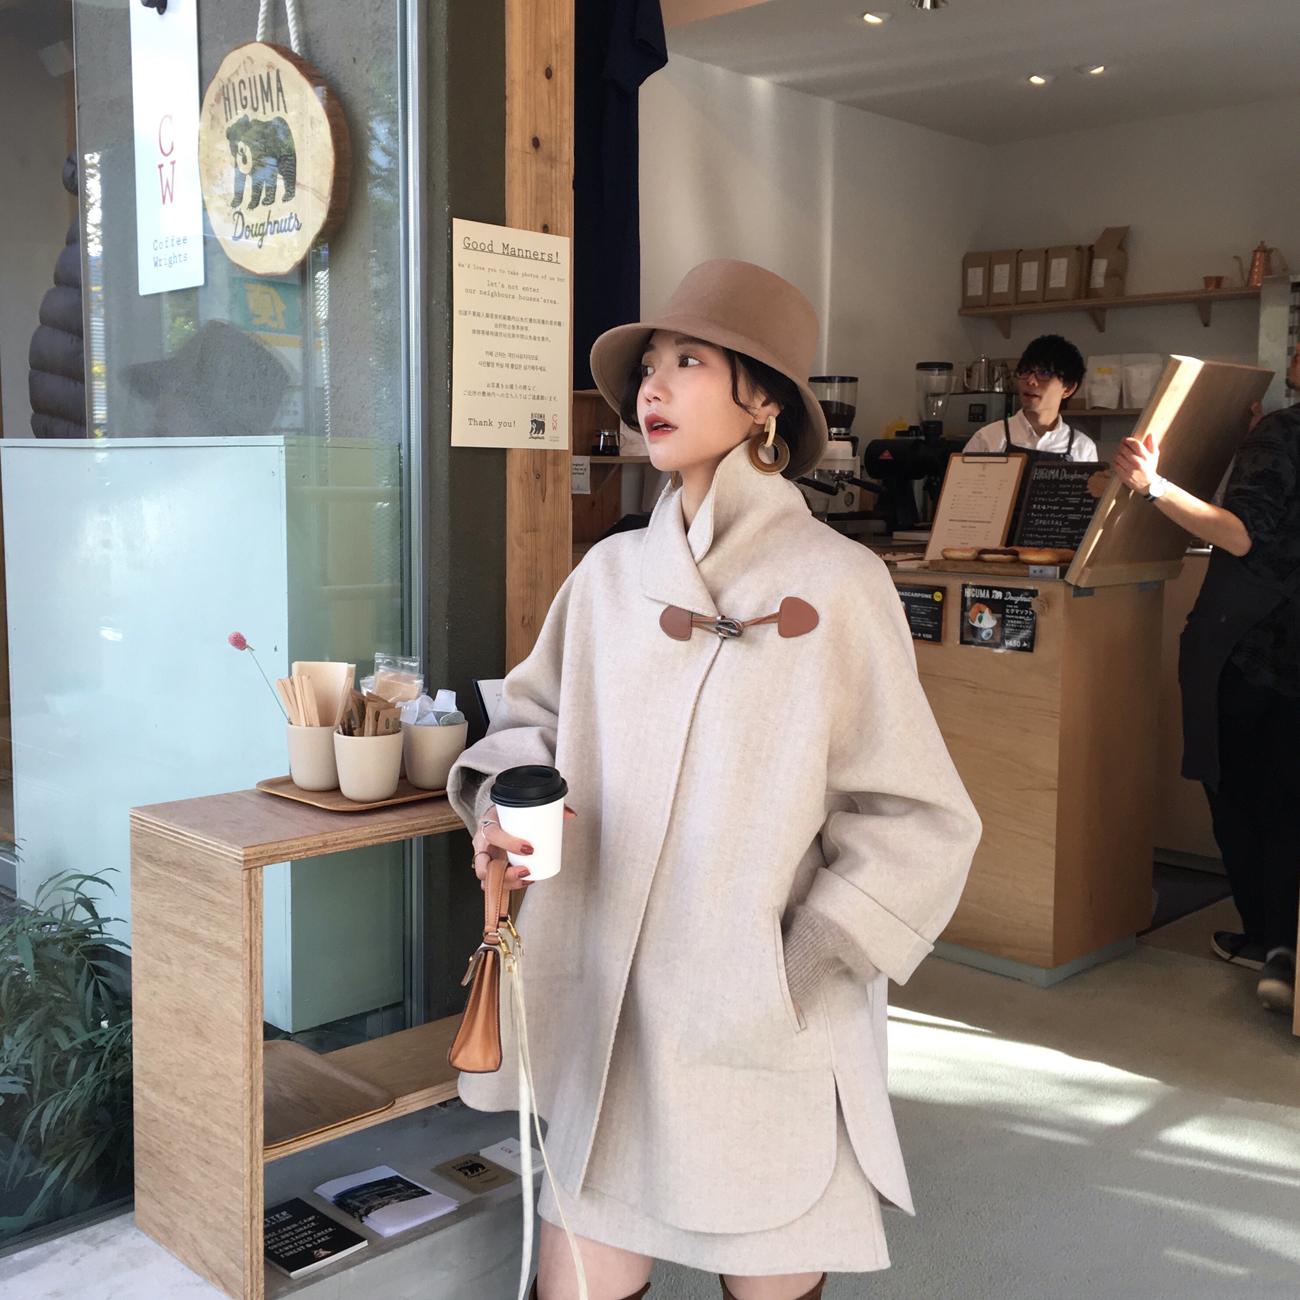 ◆ASM◆2018冬季新款气质牛角扣呢子外套毛呢半身裙时尚套装女装